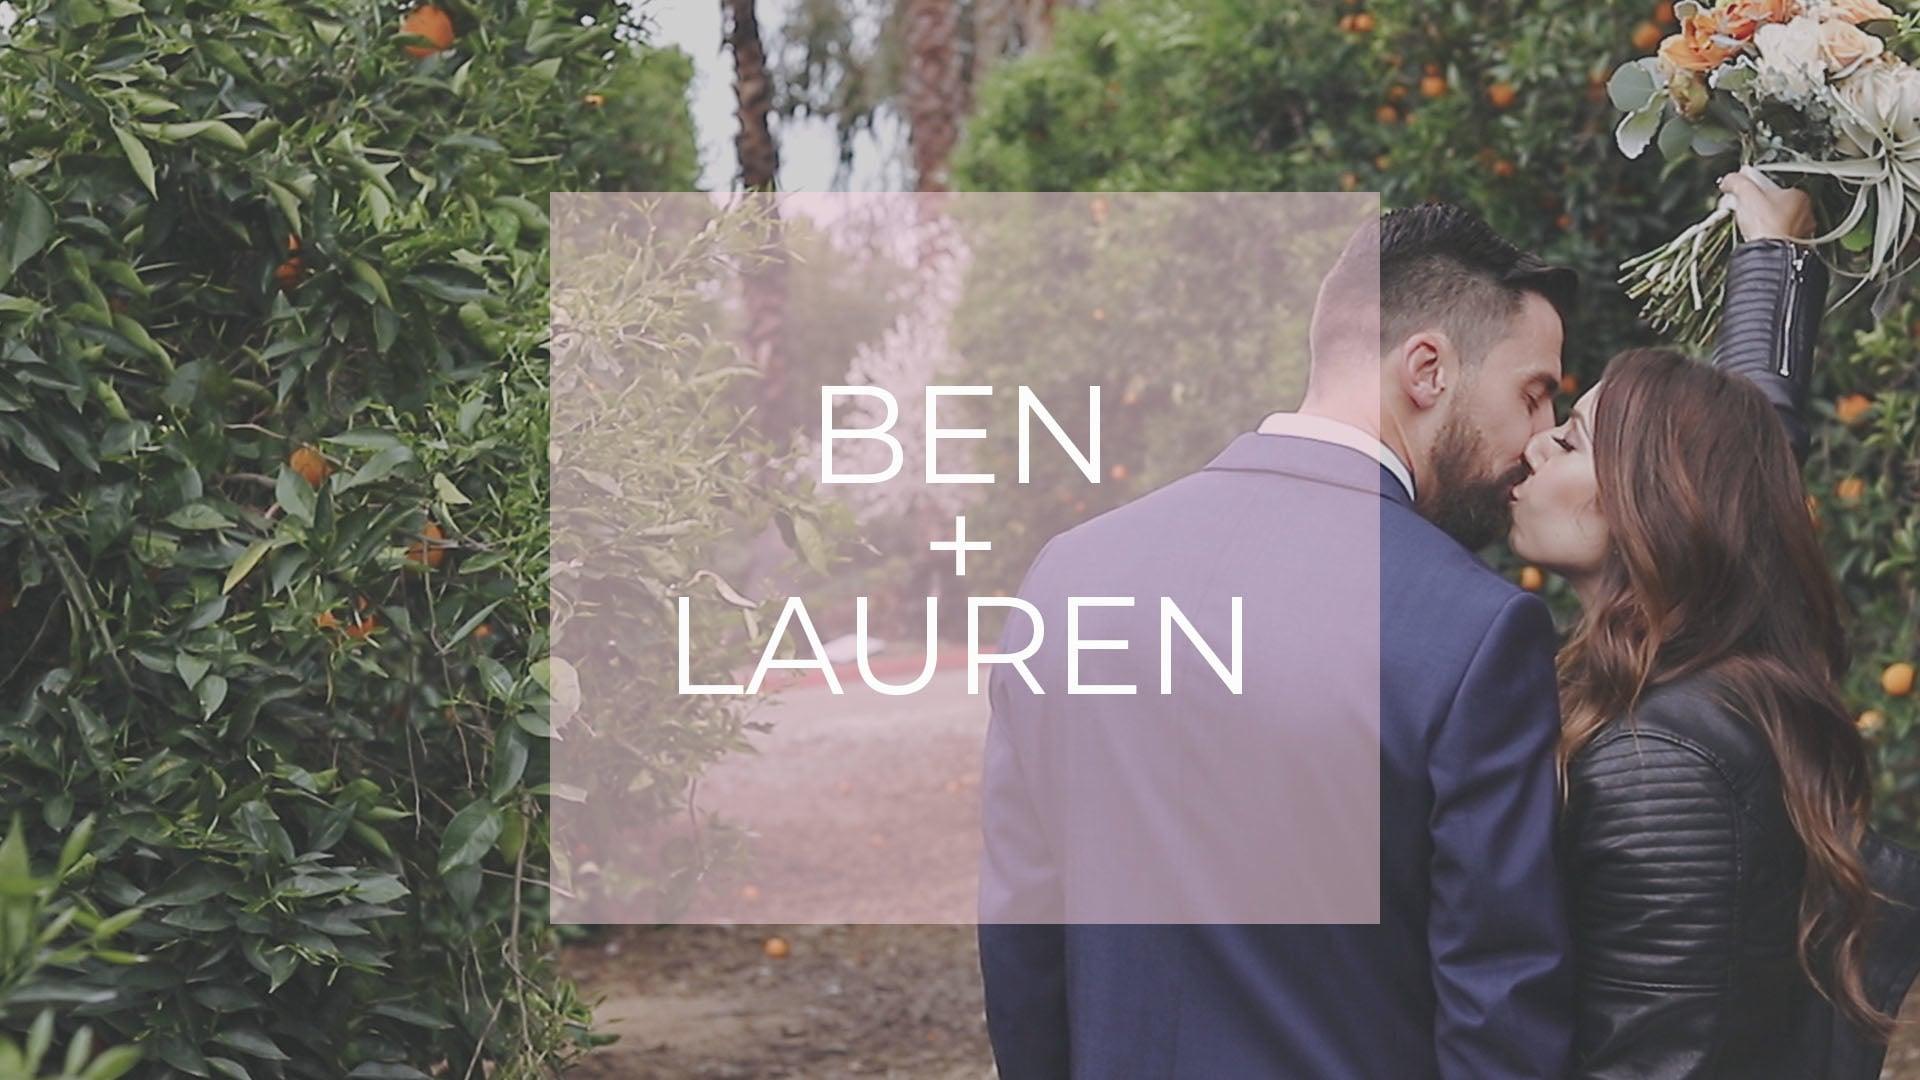 Ben + Lauren